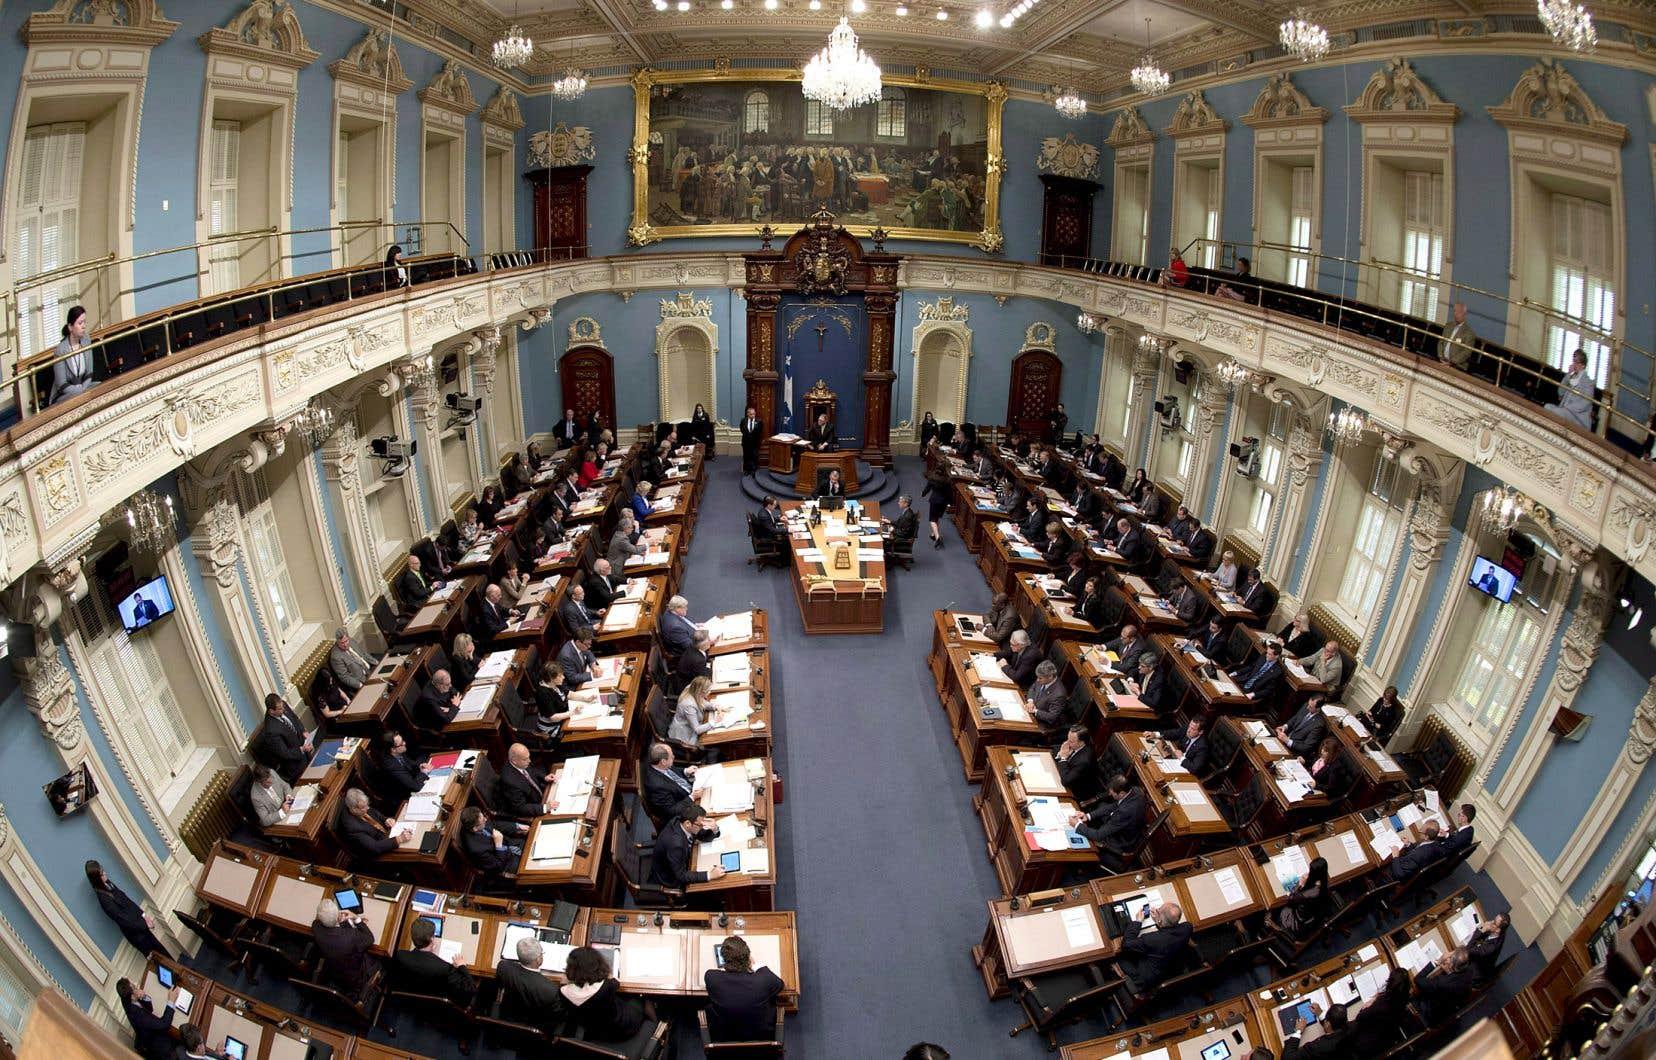 Les déclarations du ministre Leitão faites à l'extérieur de l'Assemblée nationale, le 21novembre, ainsi que le 1erdécembre et le 22décembre 2016, étaient recevables en preuve.